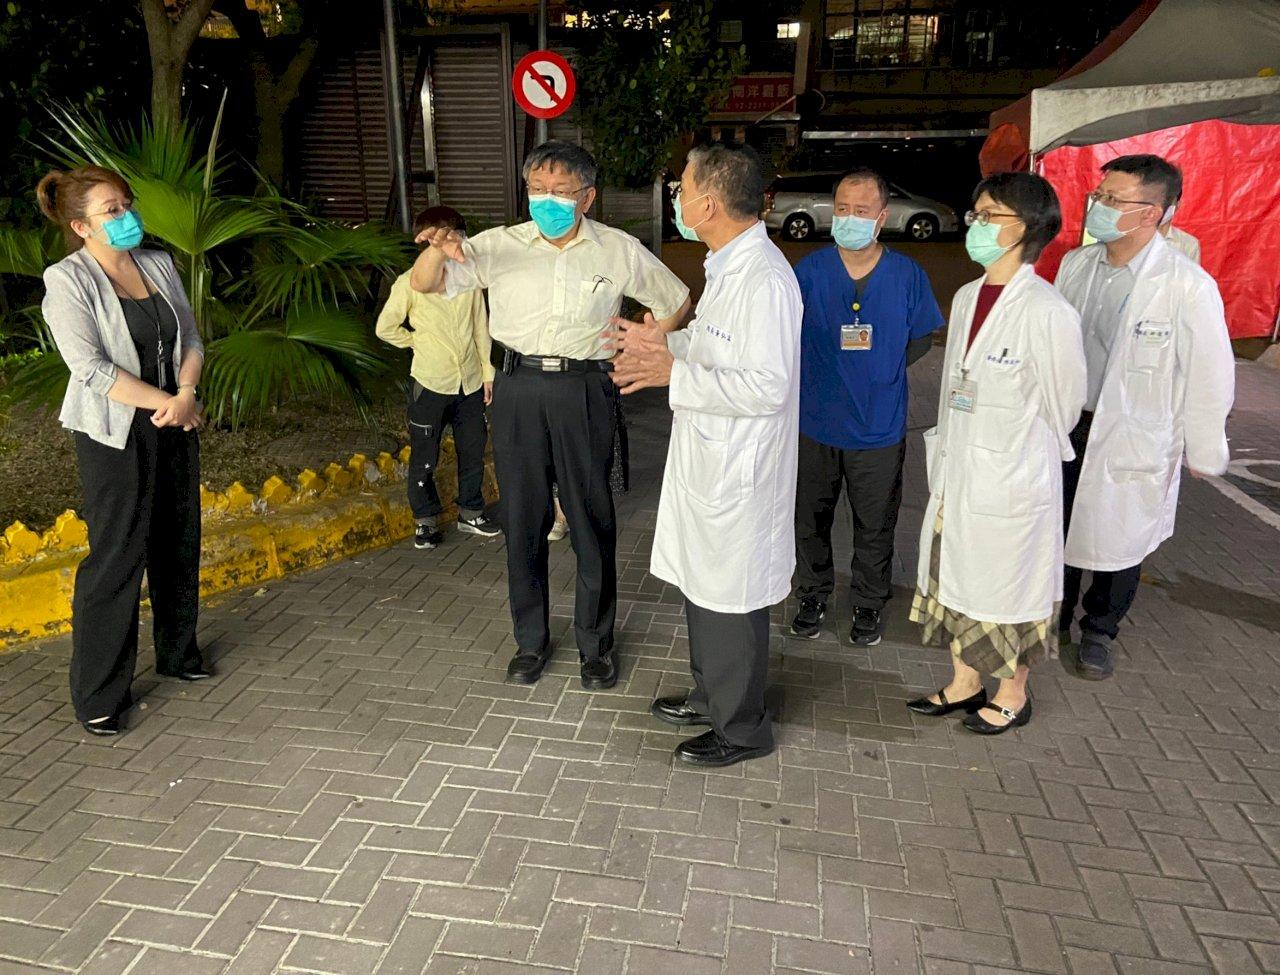 和平醫院2病患確診 北市府:狀況控制中 目前無封院危險